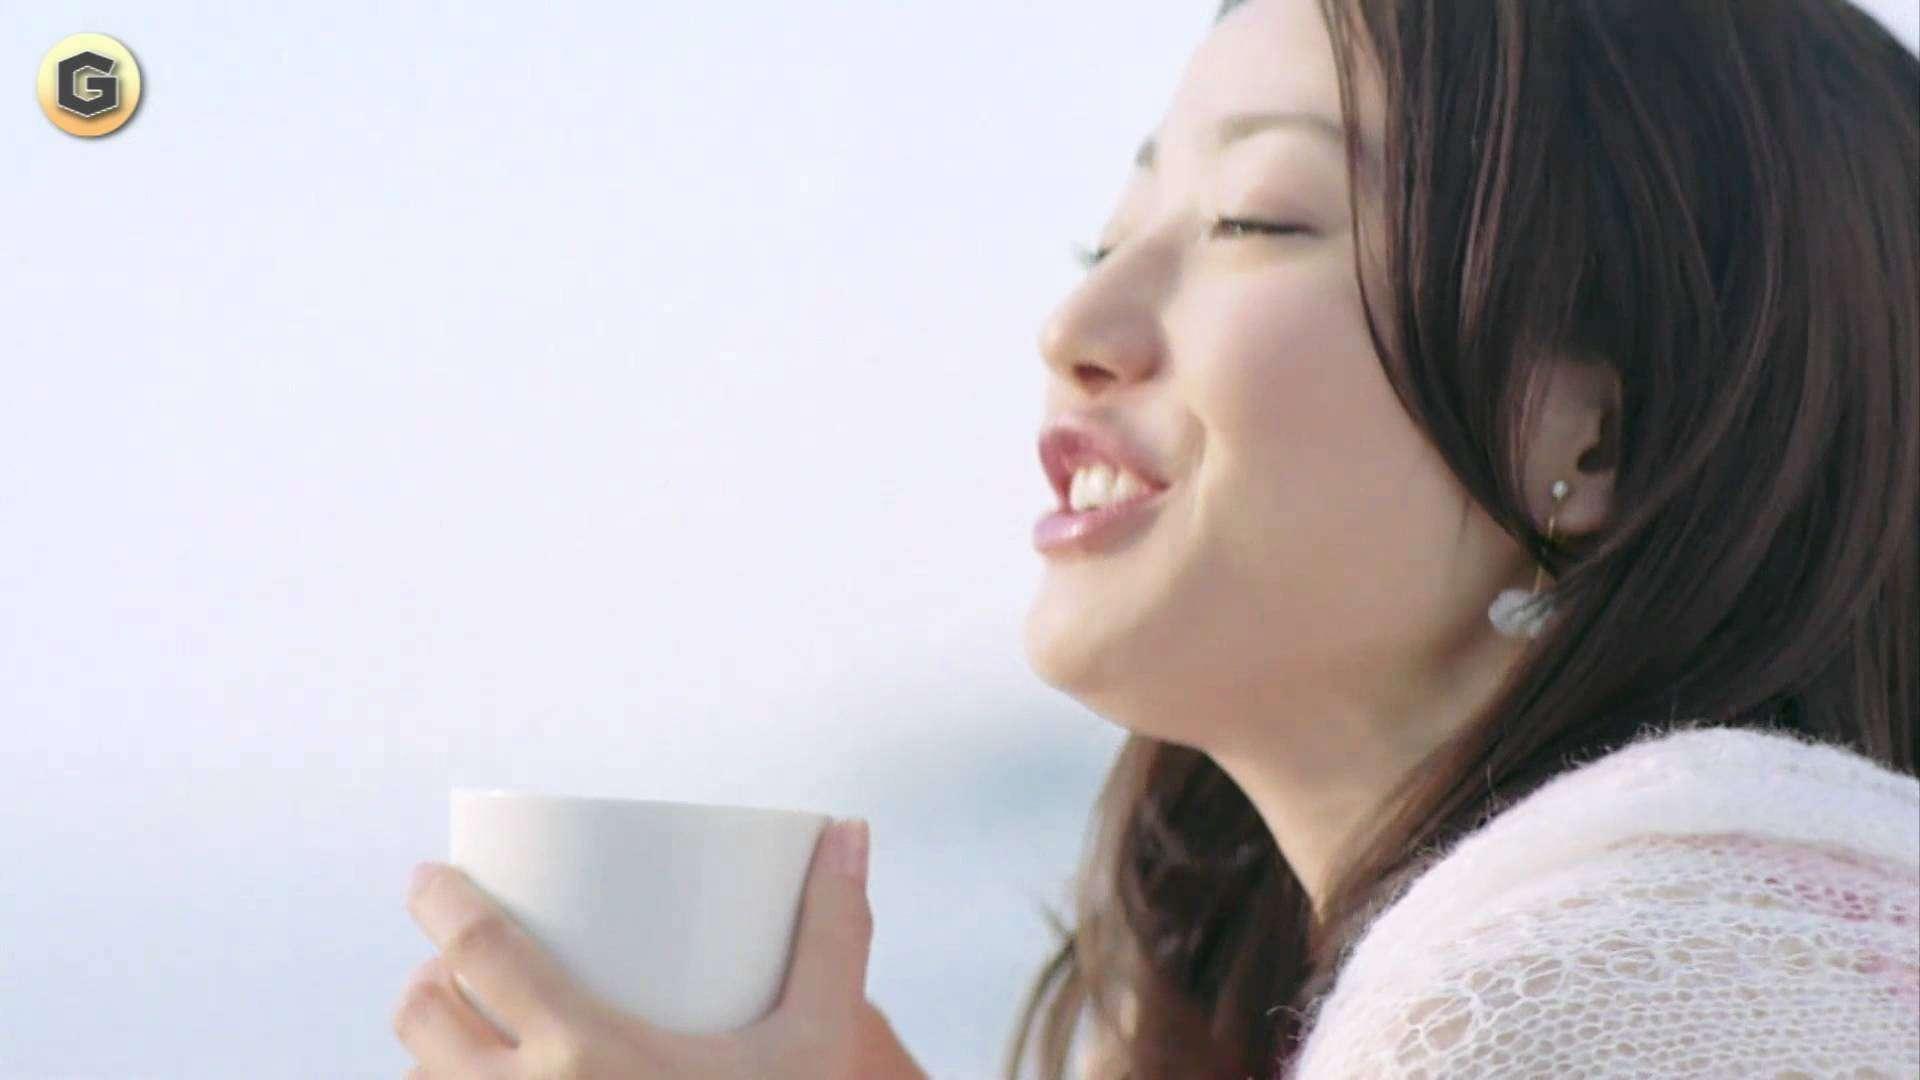 森永クリープ CM 菅野美穂 「myクリープ」篇 - YouTube